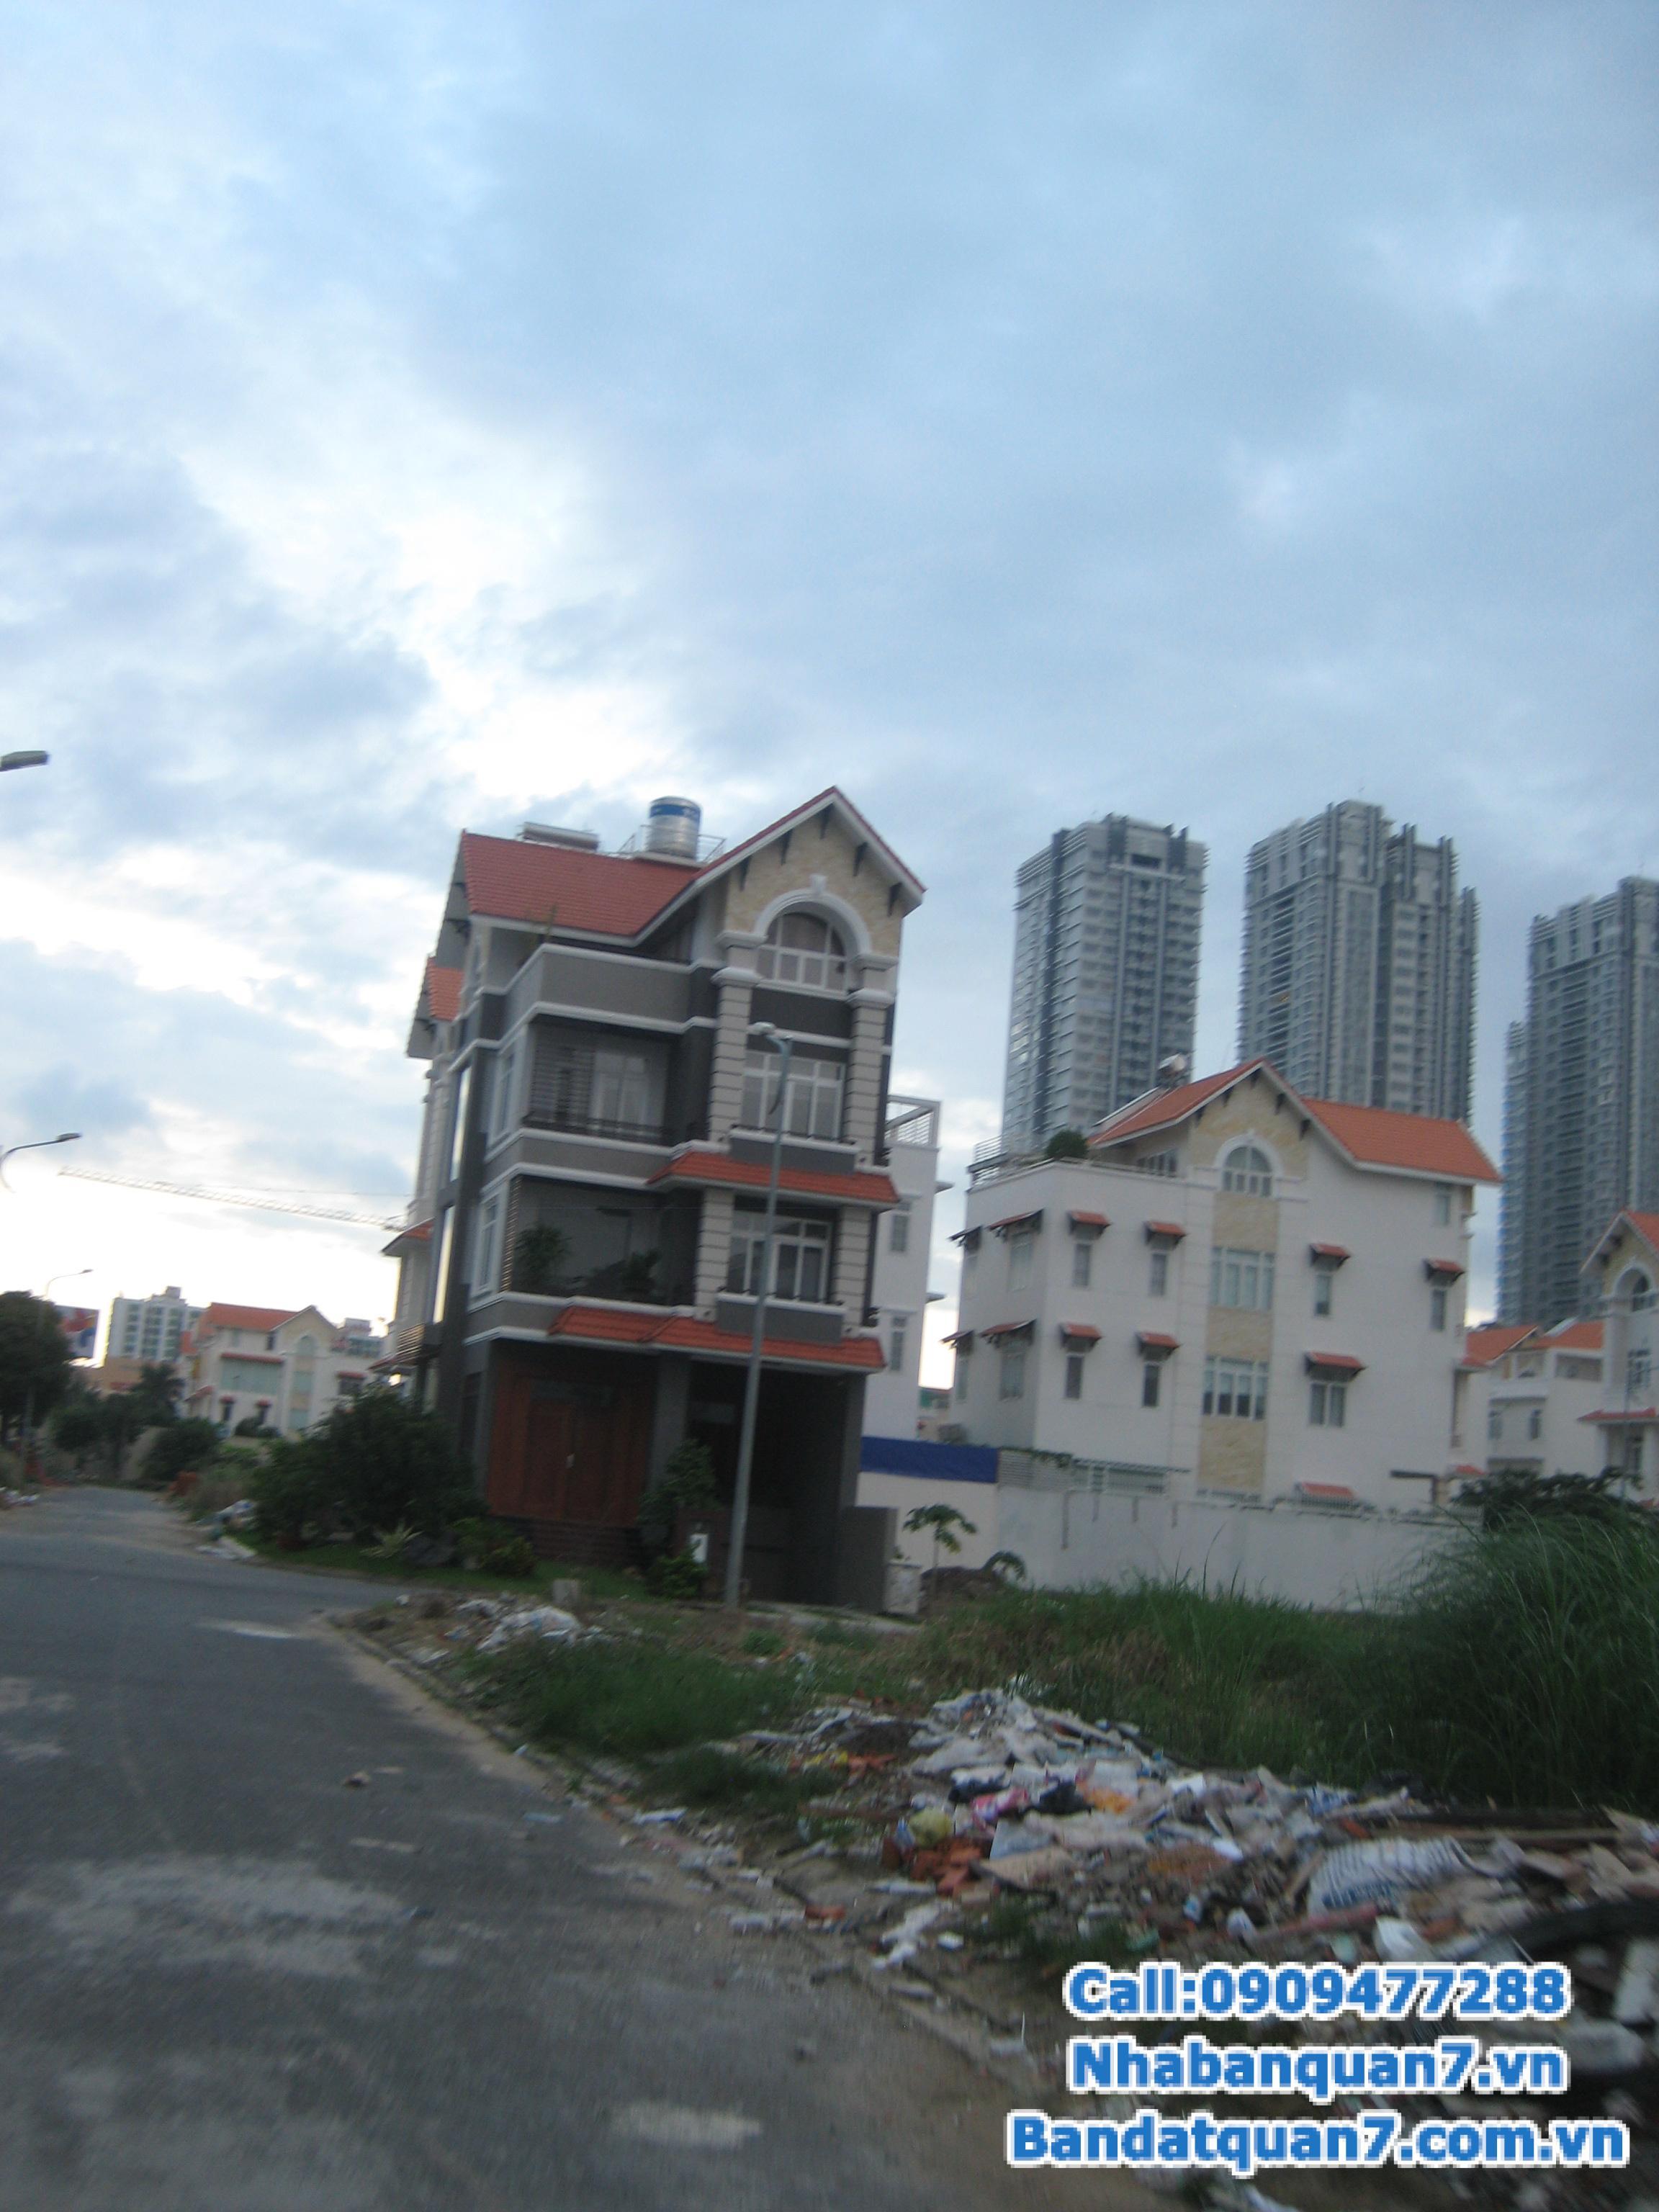 Bán nhiều lô đất biệt thự Him Lam Kênh Tẻ quận 7, DT 10 x 20m, giá 65 triệu/m2